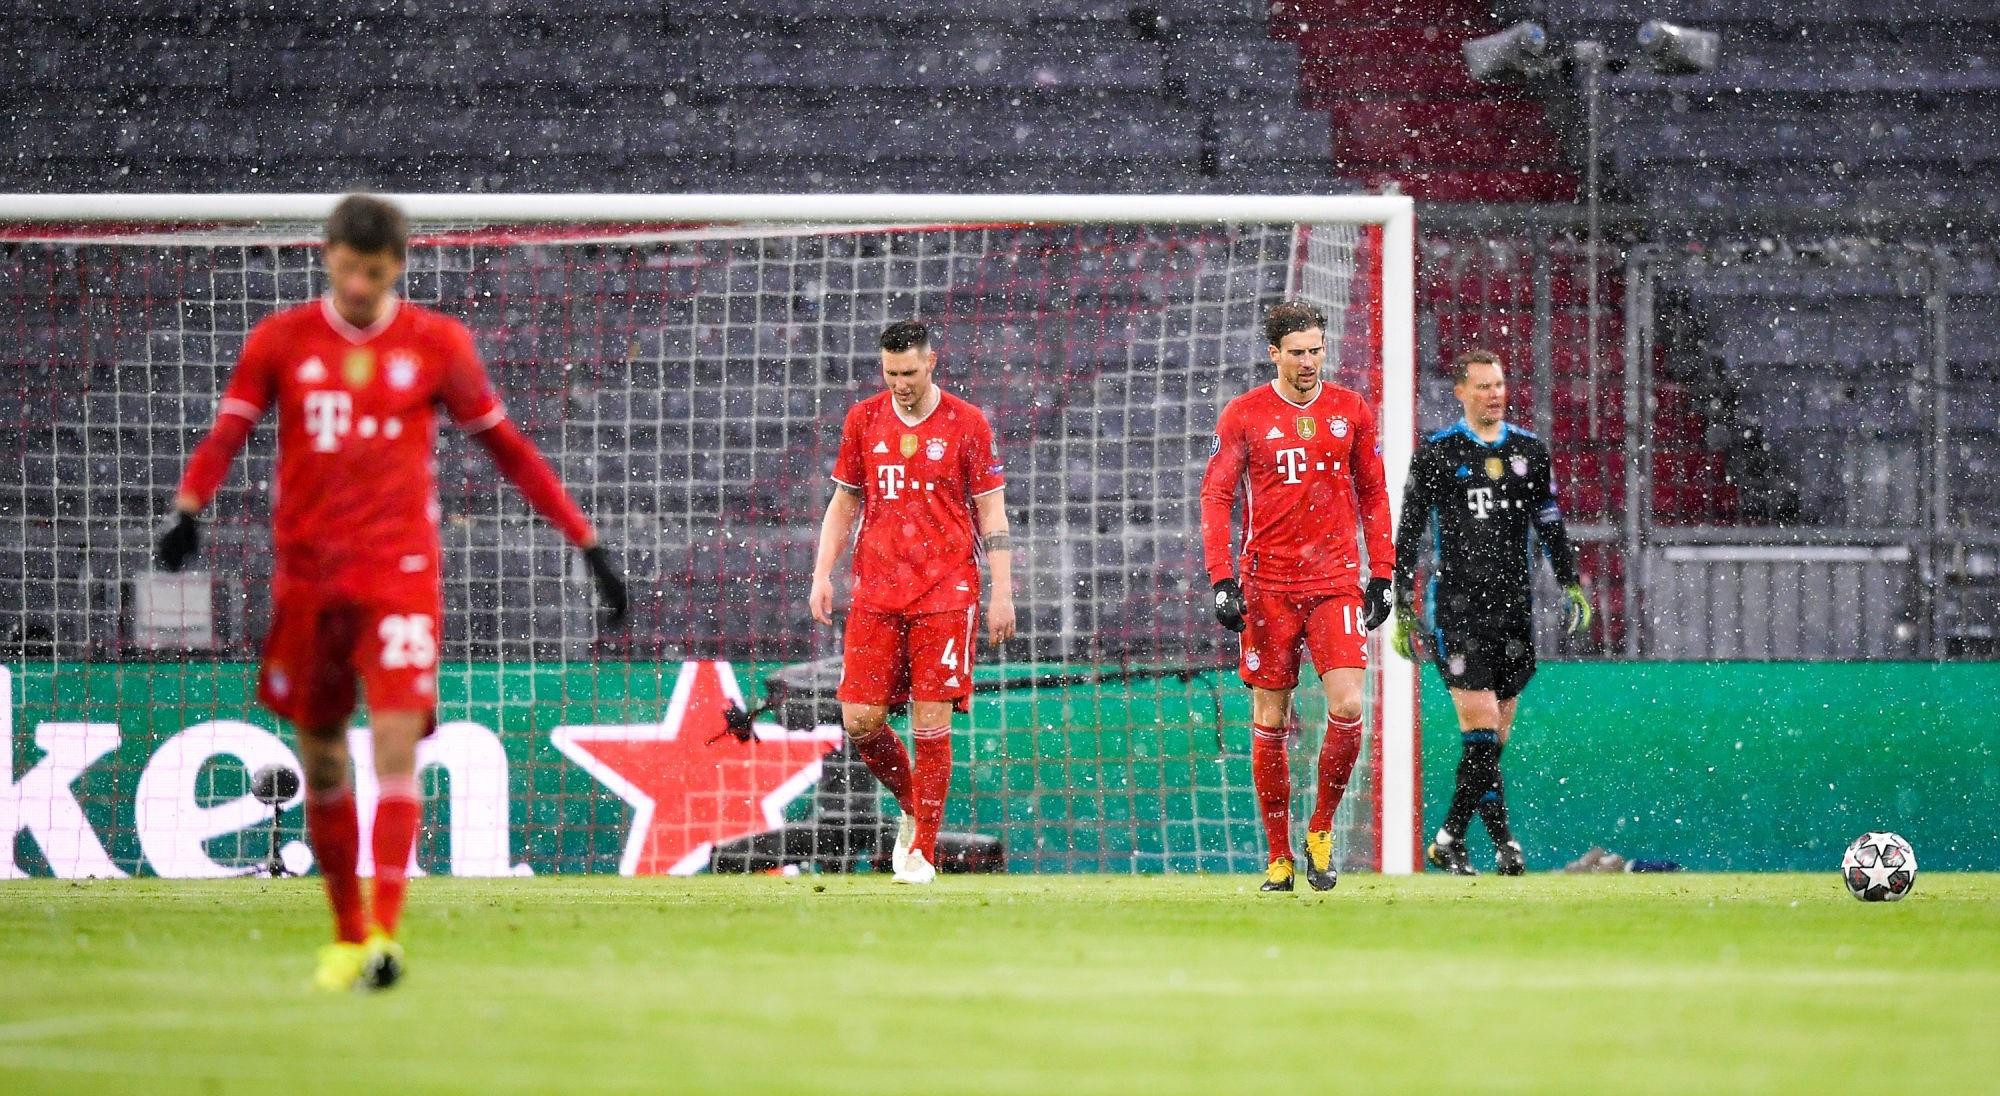 PSG/Bayern - Goretzka et Süle vers des forfaits, annonce Bild